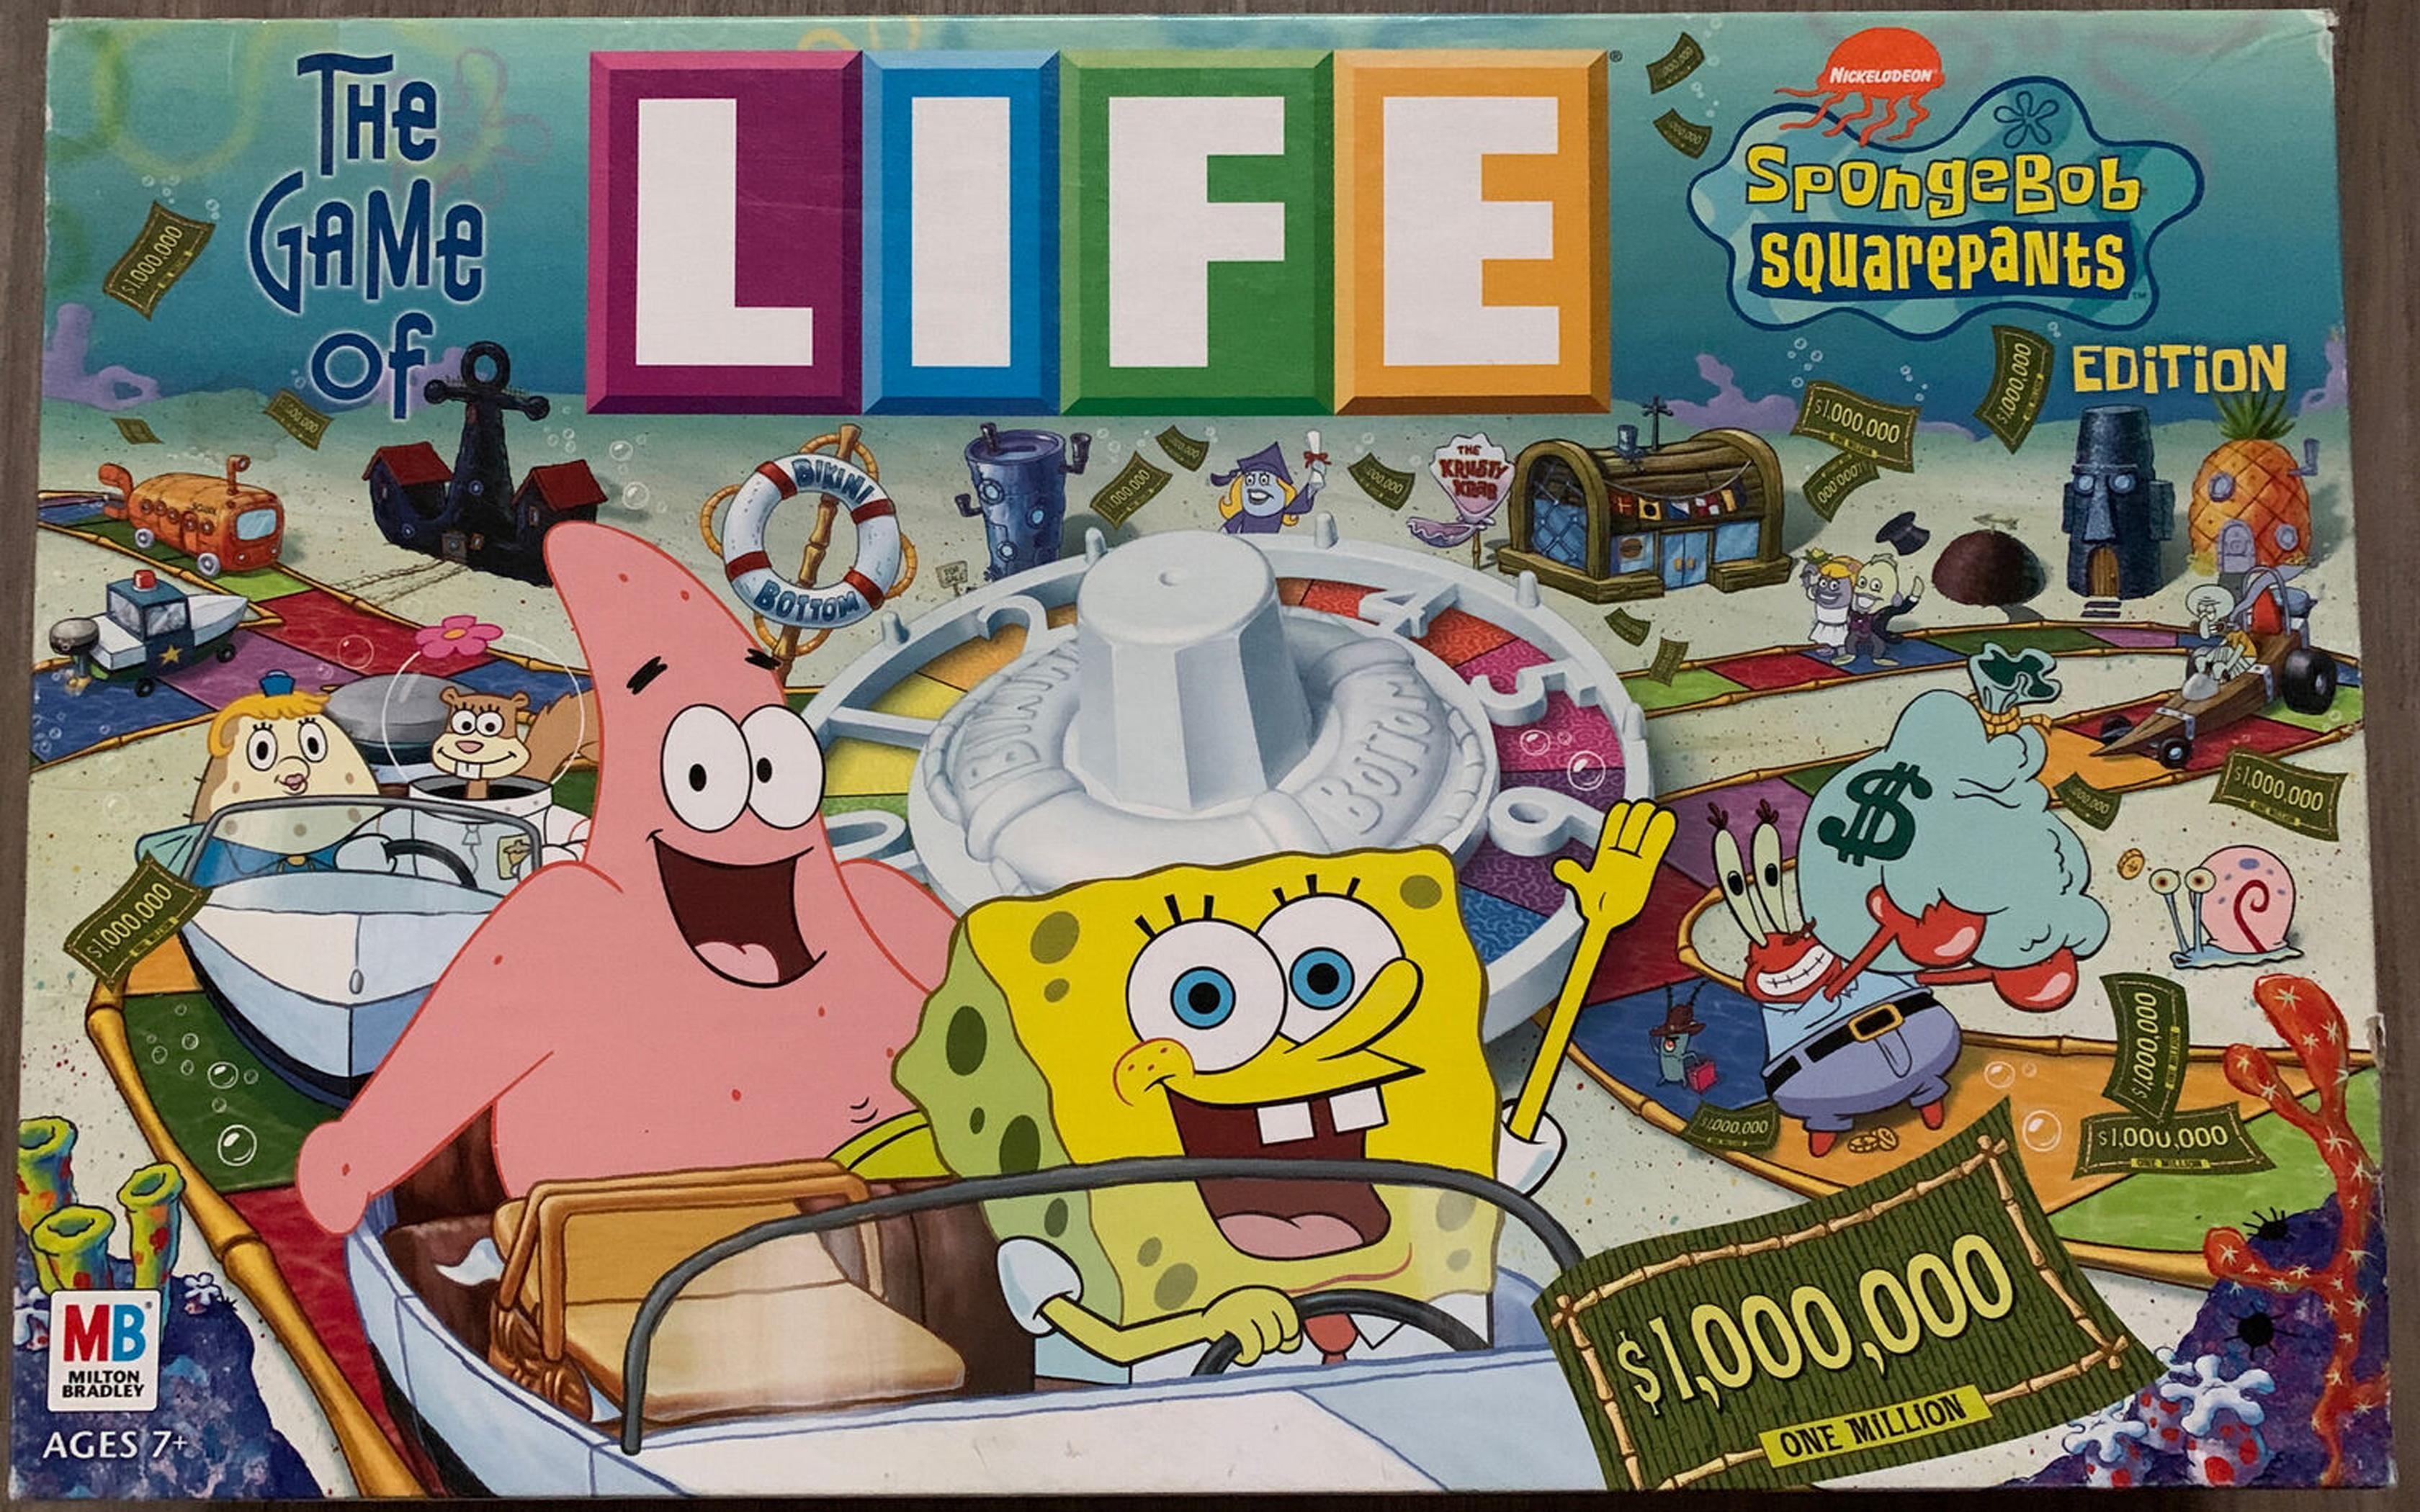 File:Game-of-life-spongebob-squarepants-250.jpg